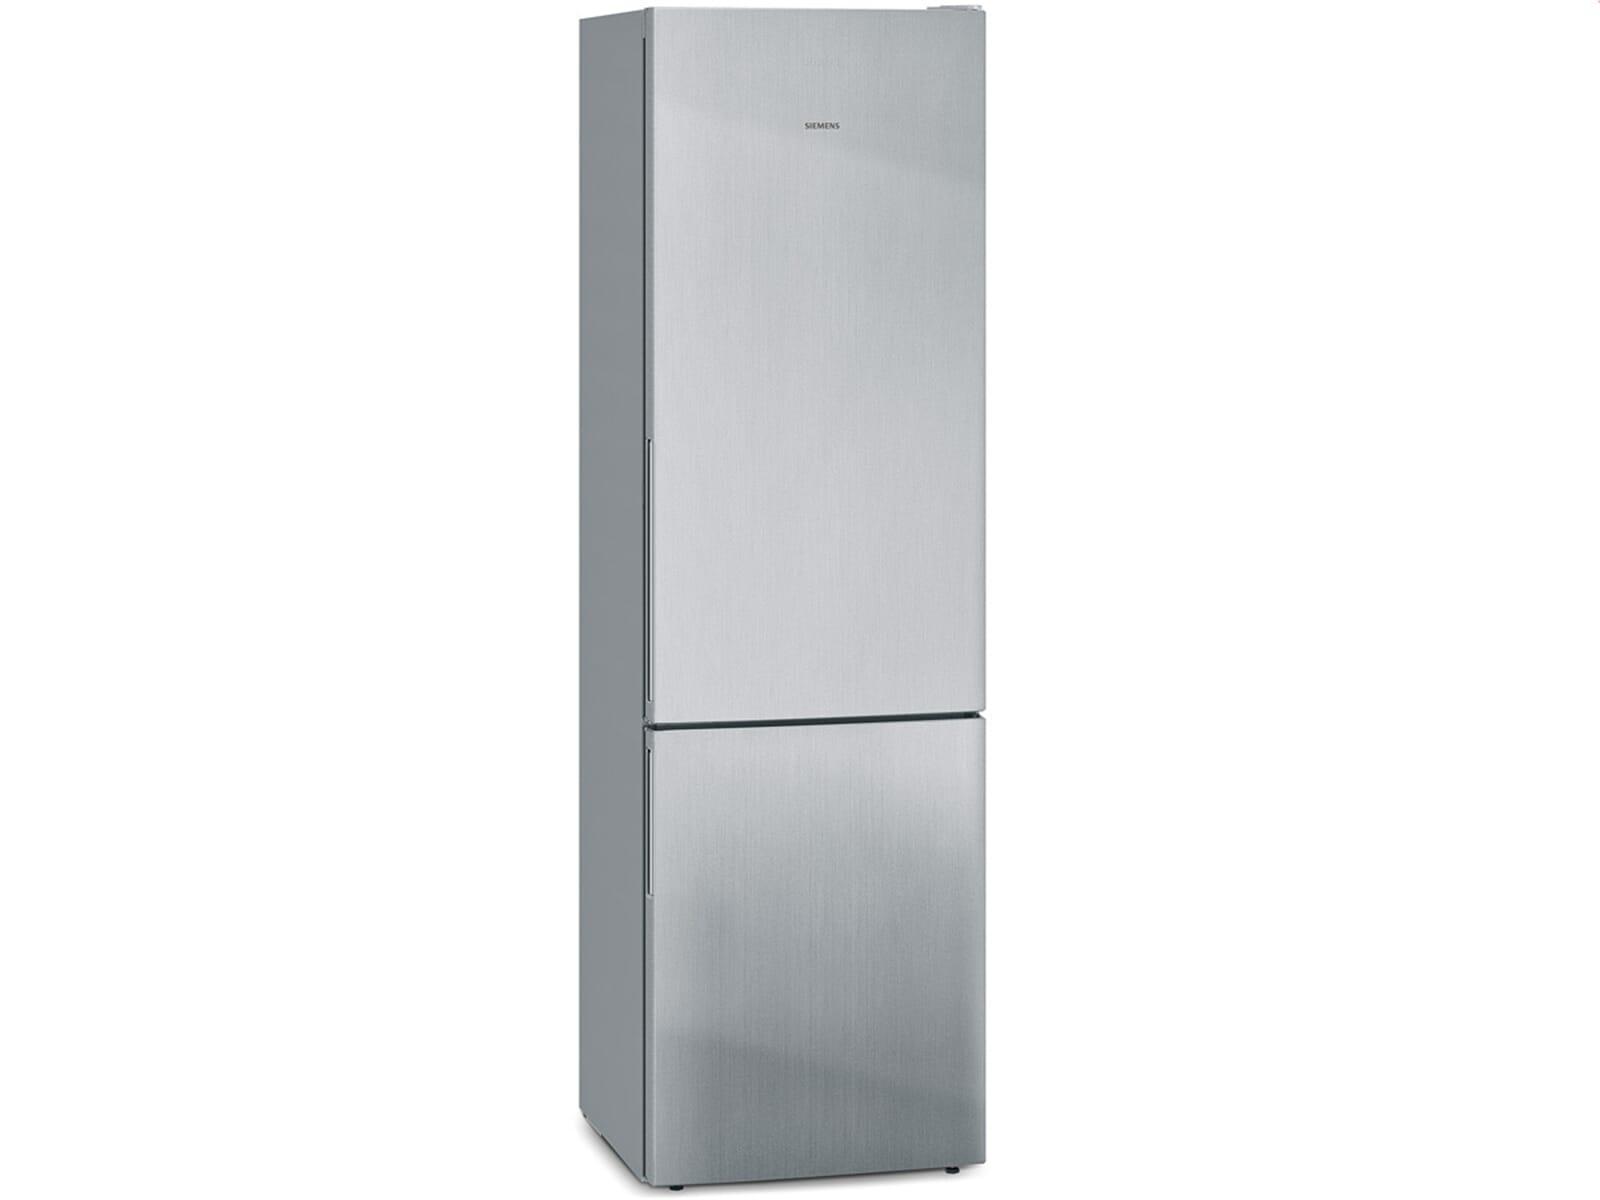 Siemens Retro Kühlschrank : Siemens kg edi kühl gefrierkombination edelstahl